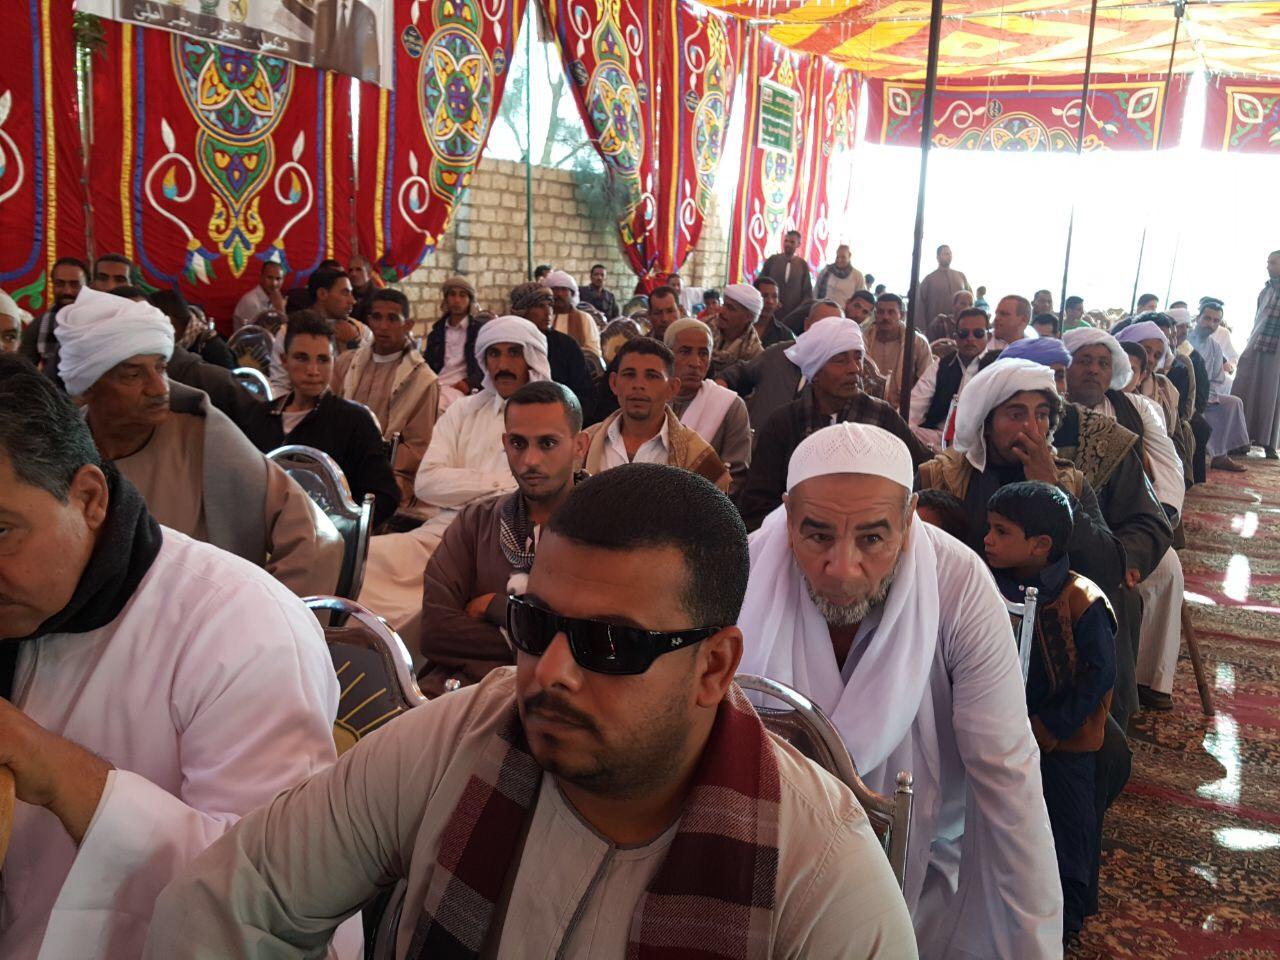 مؤتمر دعم موسى مصطفى موسى فى قرية عرب كريم بأسيوط